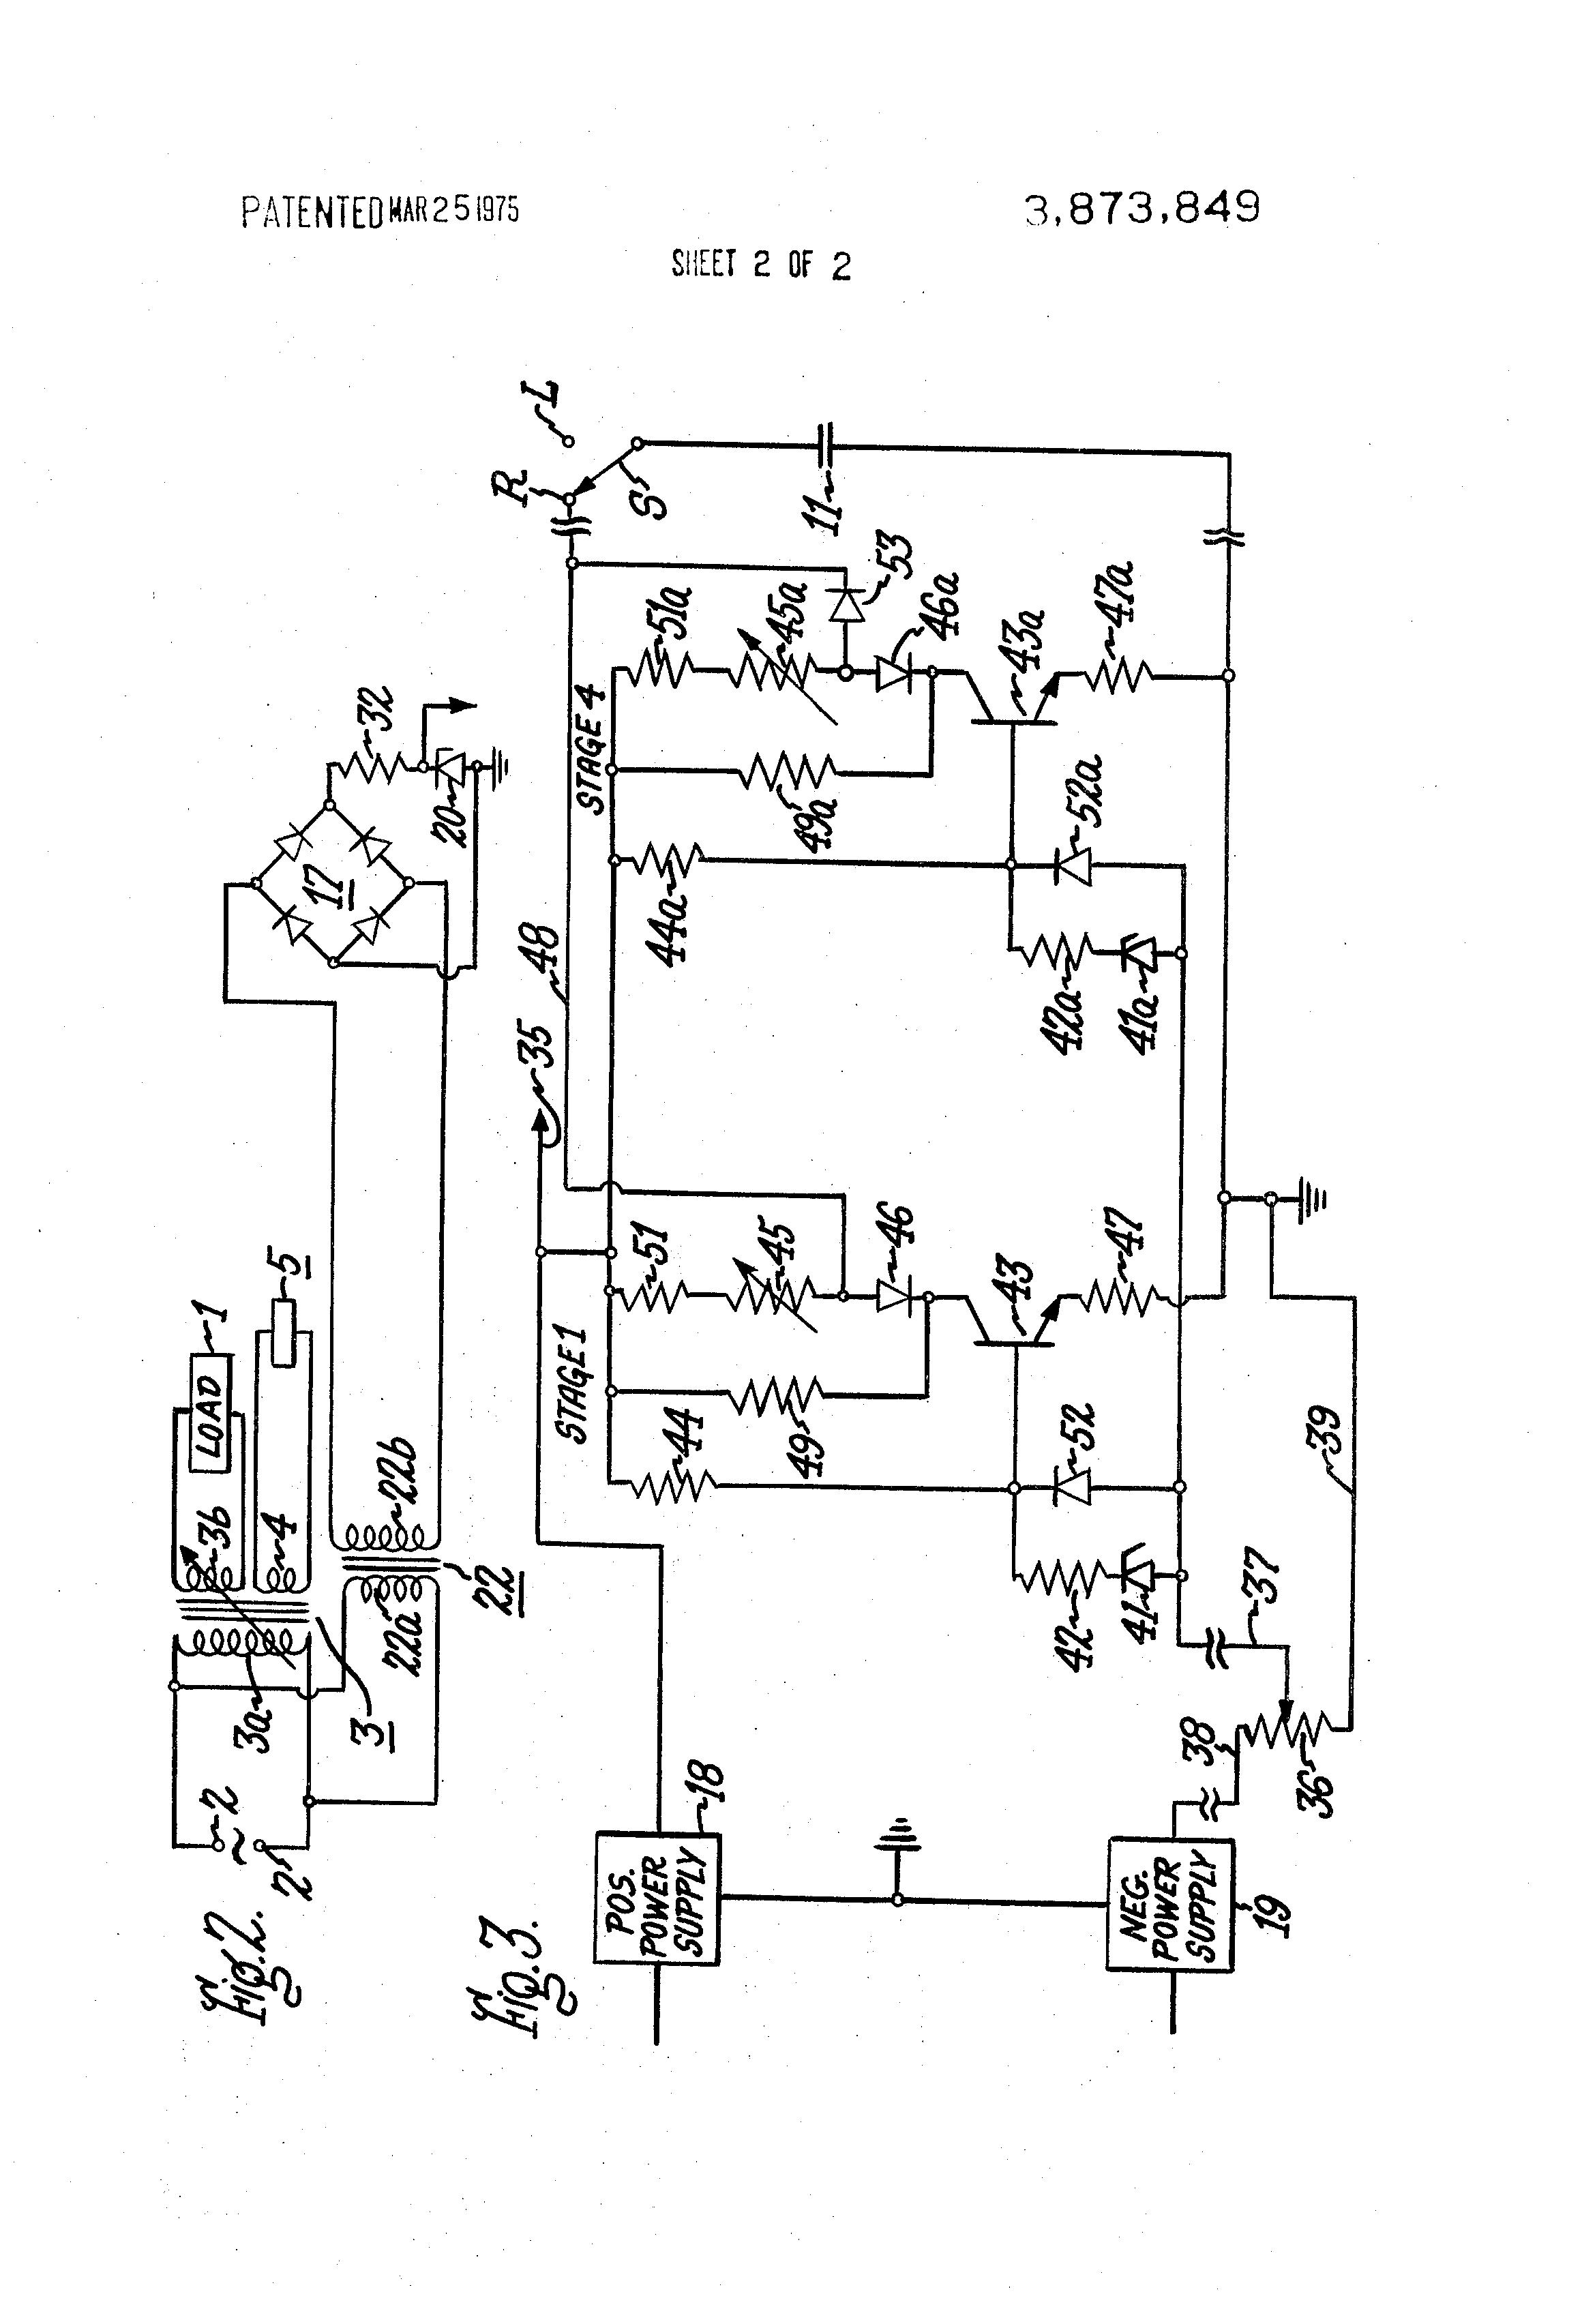 Com Circuitdiagram Remotecontrolcircuit